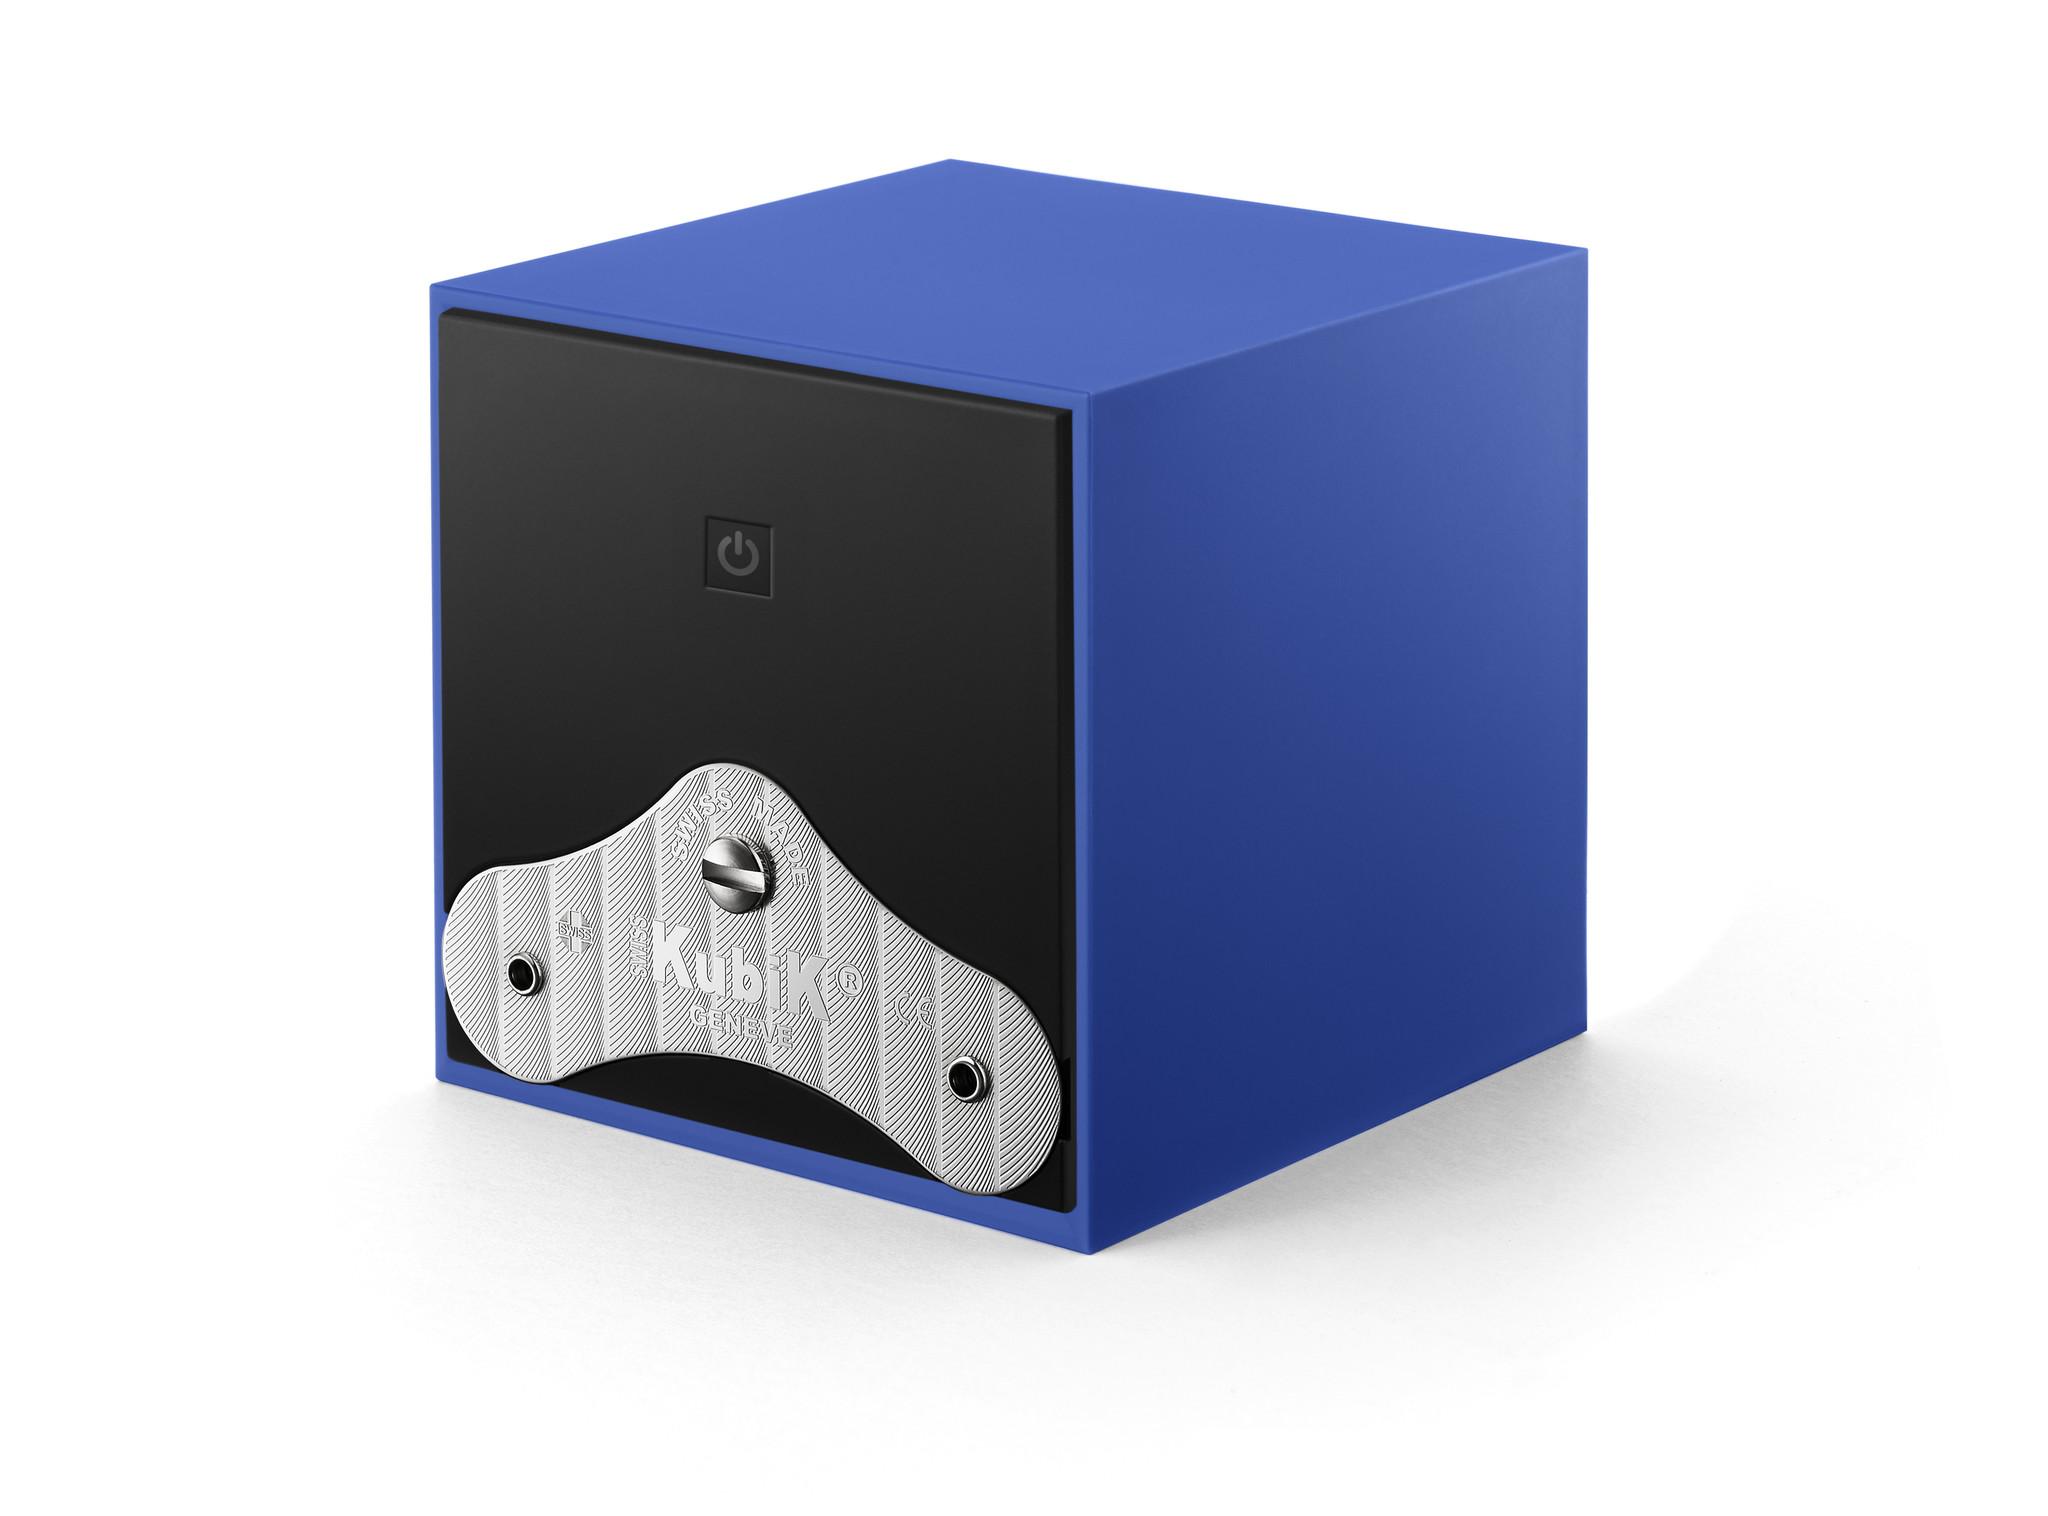 Swiss Kubik Swiss Kubik Startbox Blue SK01-STB005